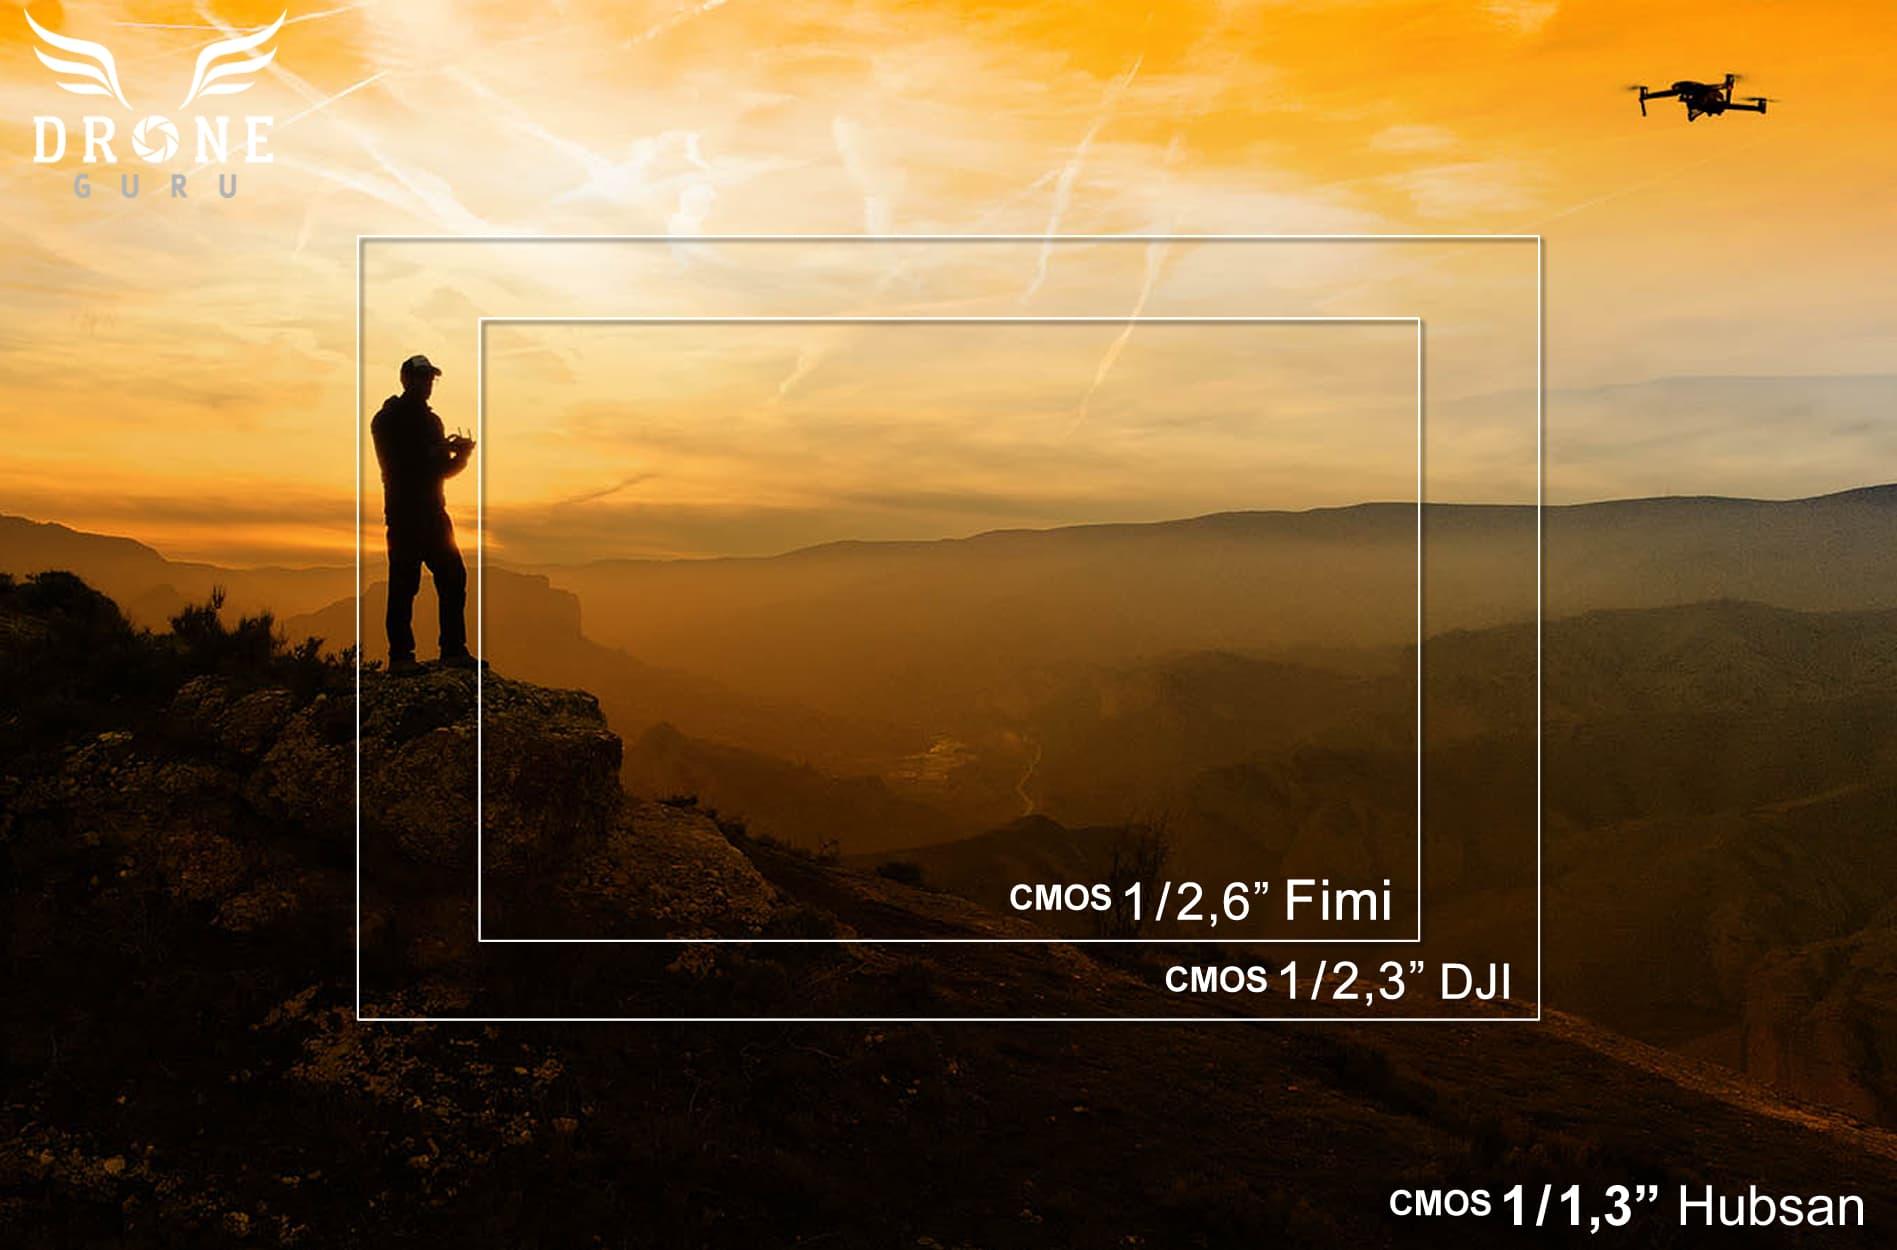 Tamaños de sensores CMOS del Hubsan vs DJI vs Fim